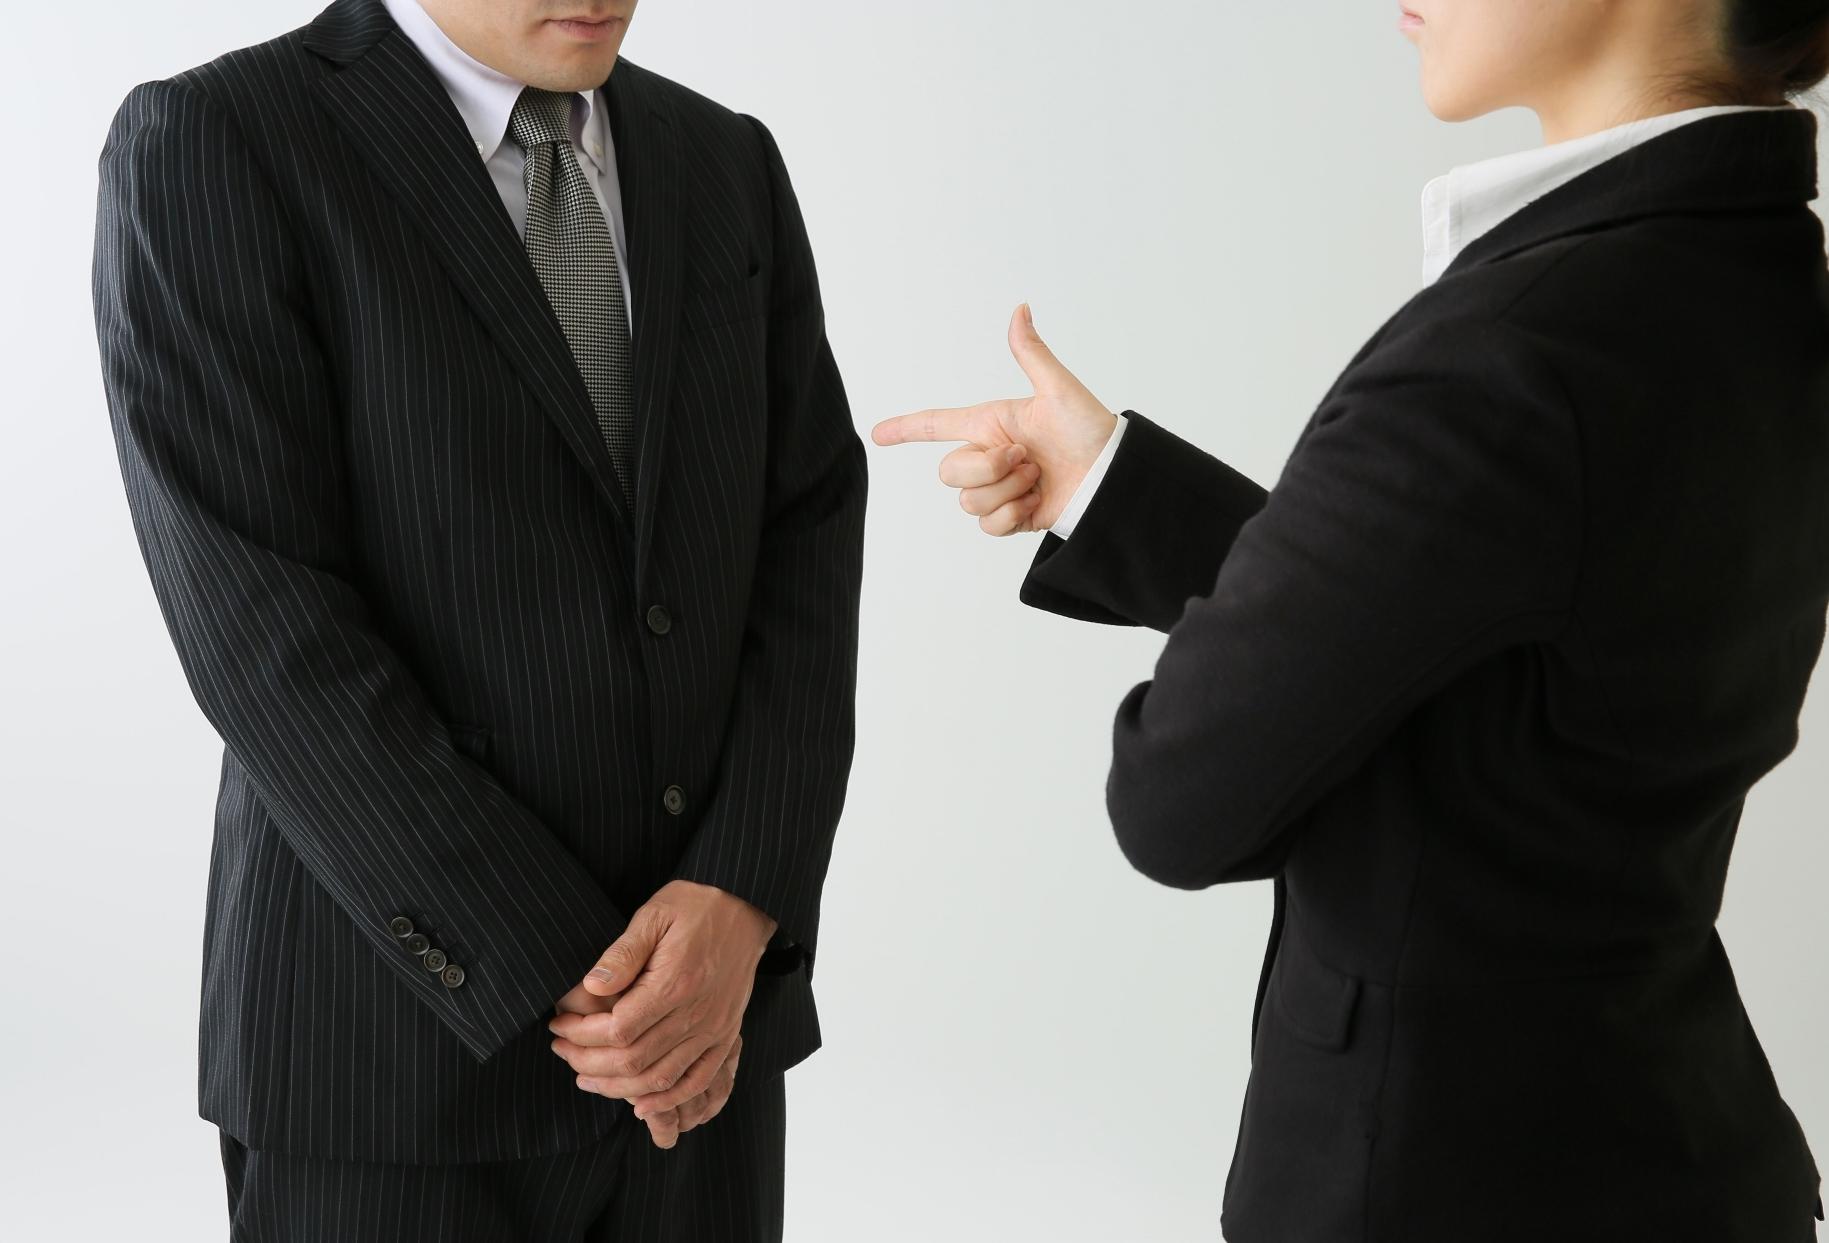 職場いじめ・嫌がらせが原因で退職代行で会社を辞める【弱者の反撃!】